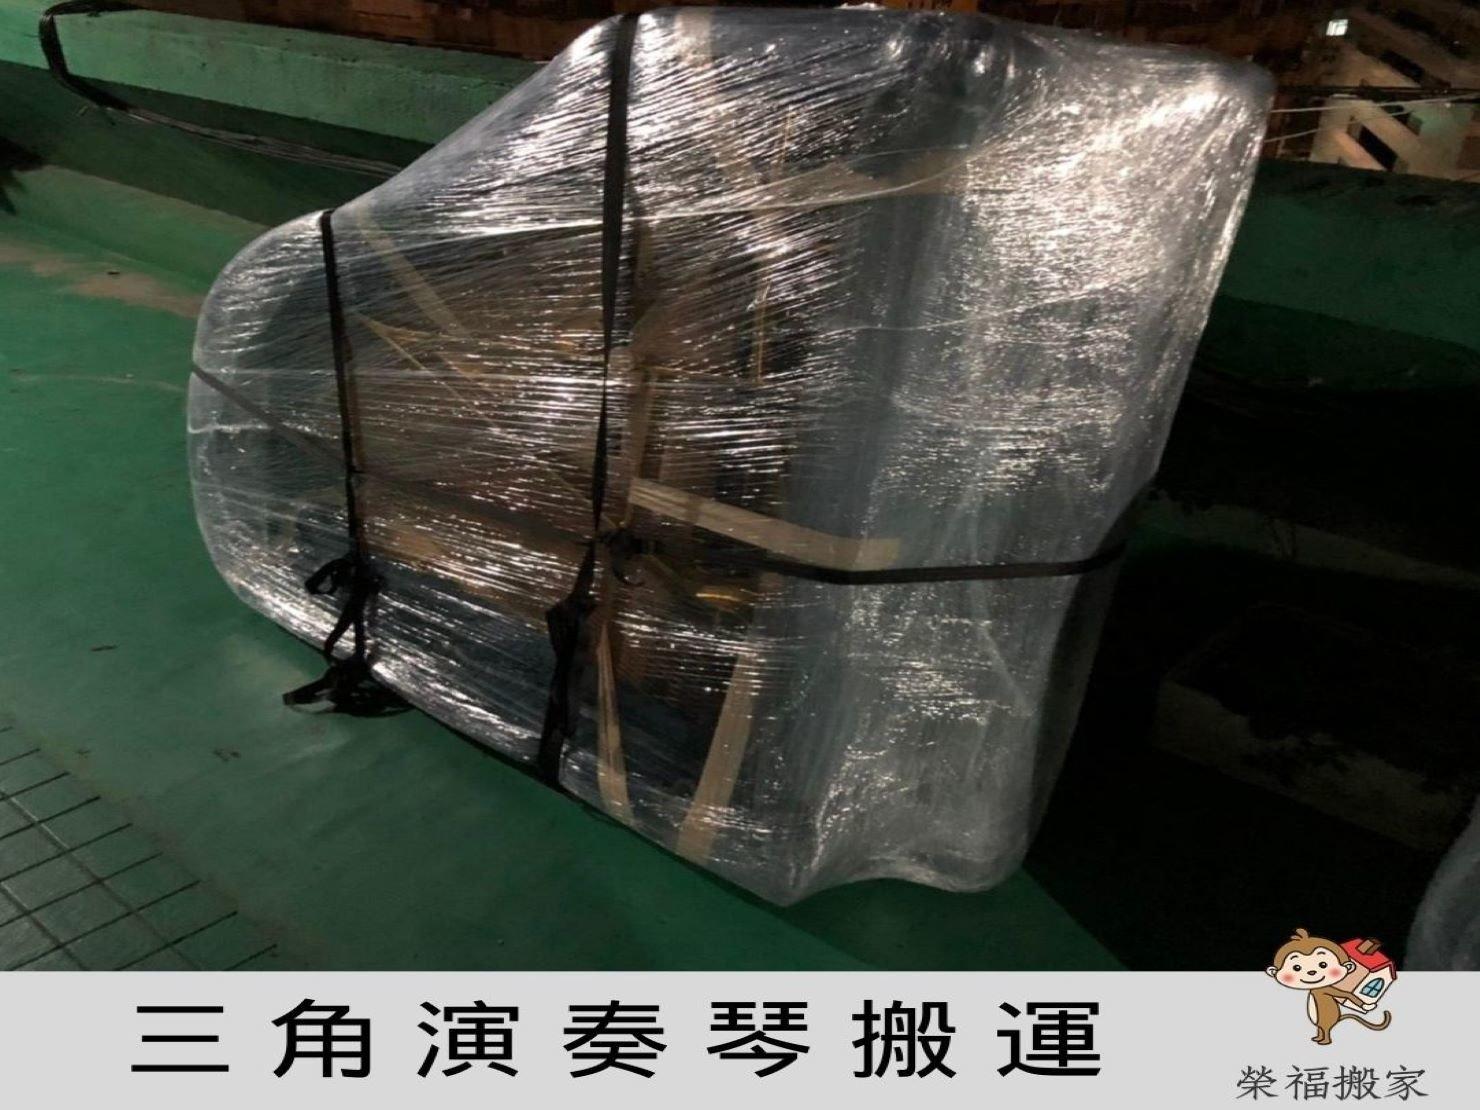 【鋼琴搬運】KAWAI河合演奏琴、平台式鋼琴《三角琴》呈現完整吊平台式鋼琴搬運防護及搬運技巧過程